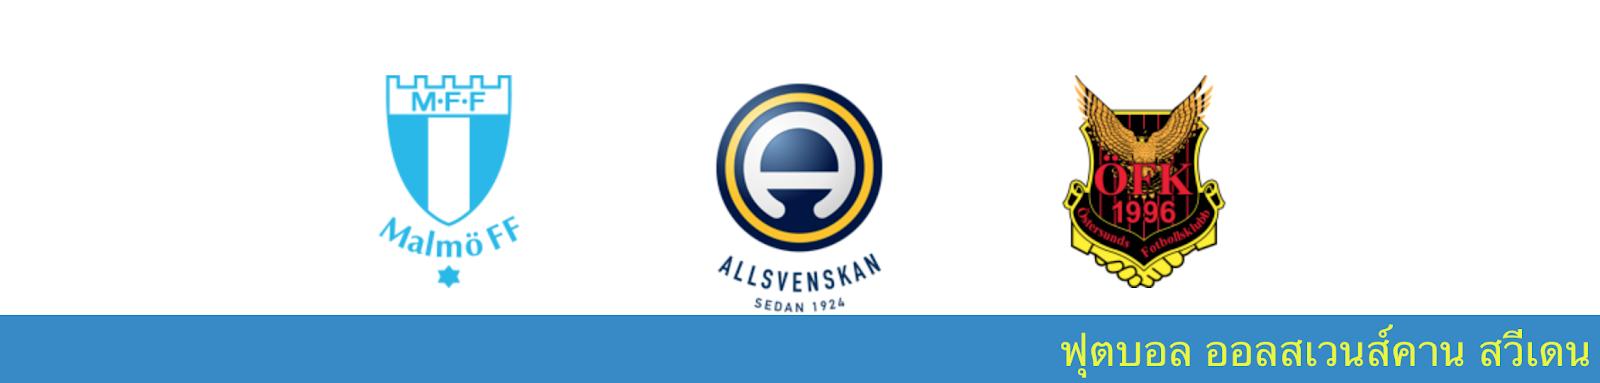 ดูบอลสด วิเคราะห์บอล สวีเดน ระหว่าง มัลโม่ vs ออสเตอร์ซุนด์ส